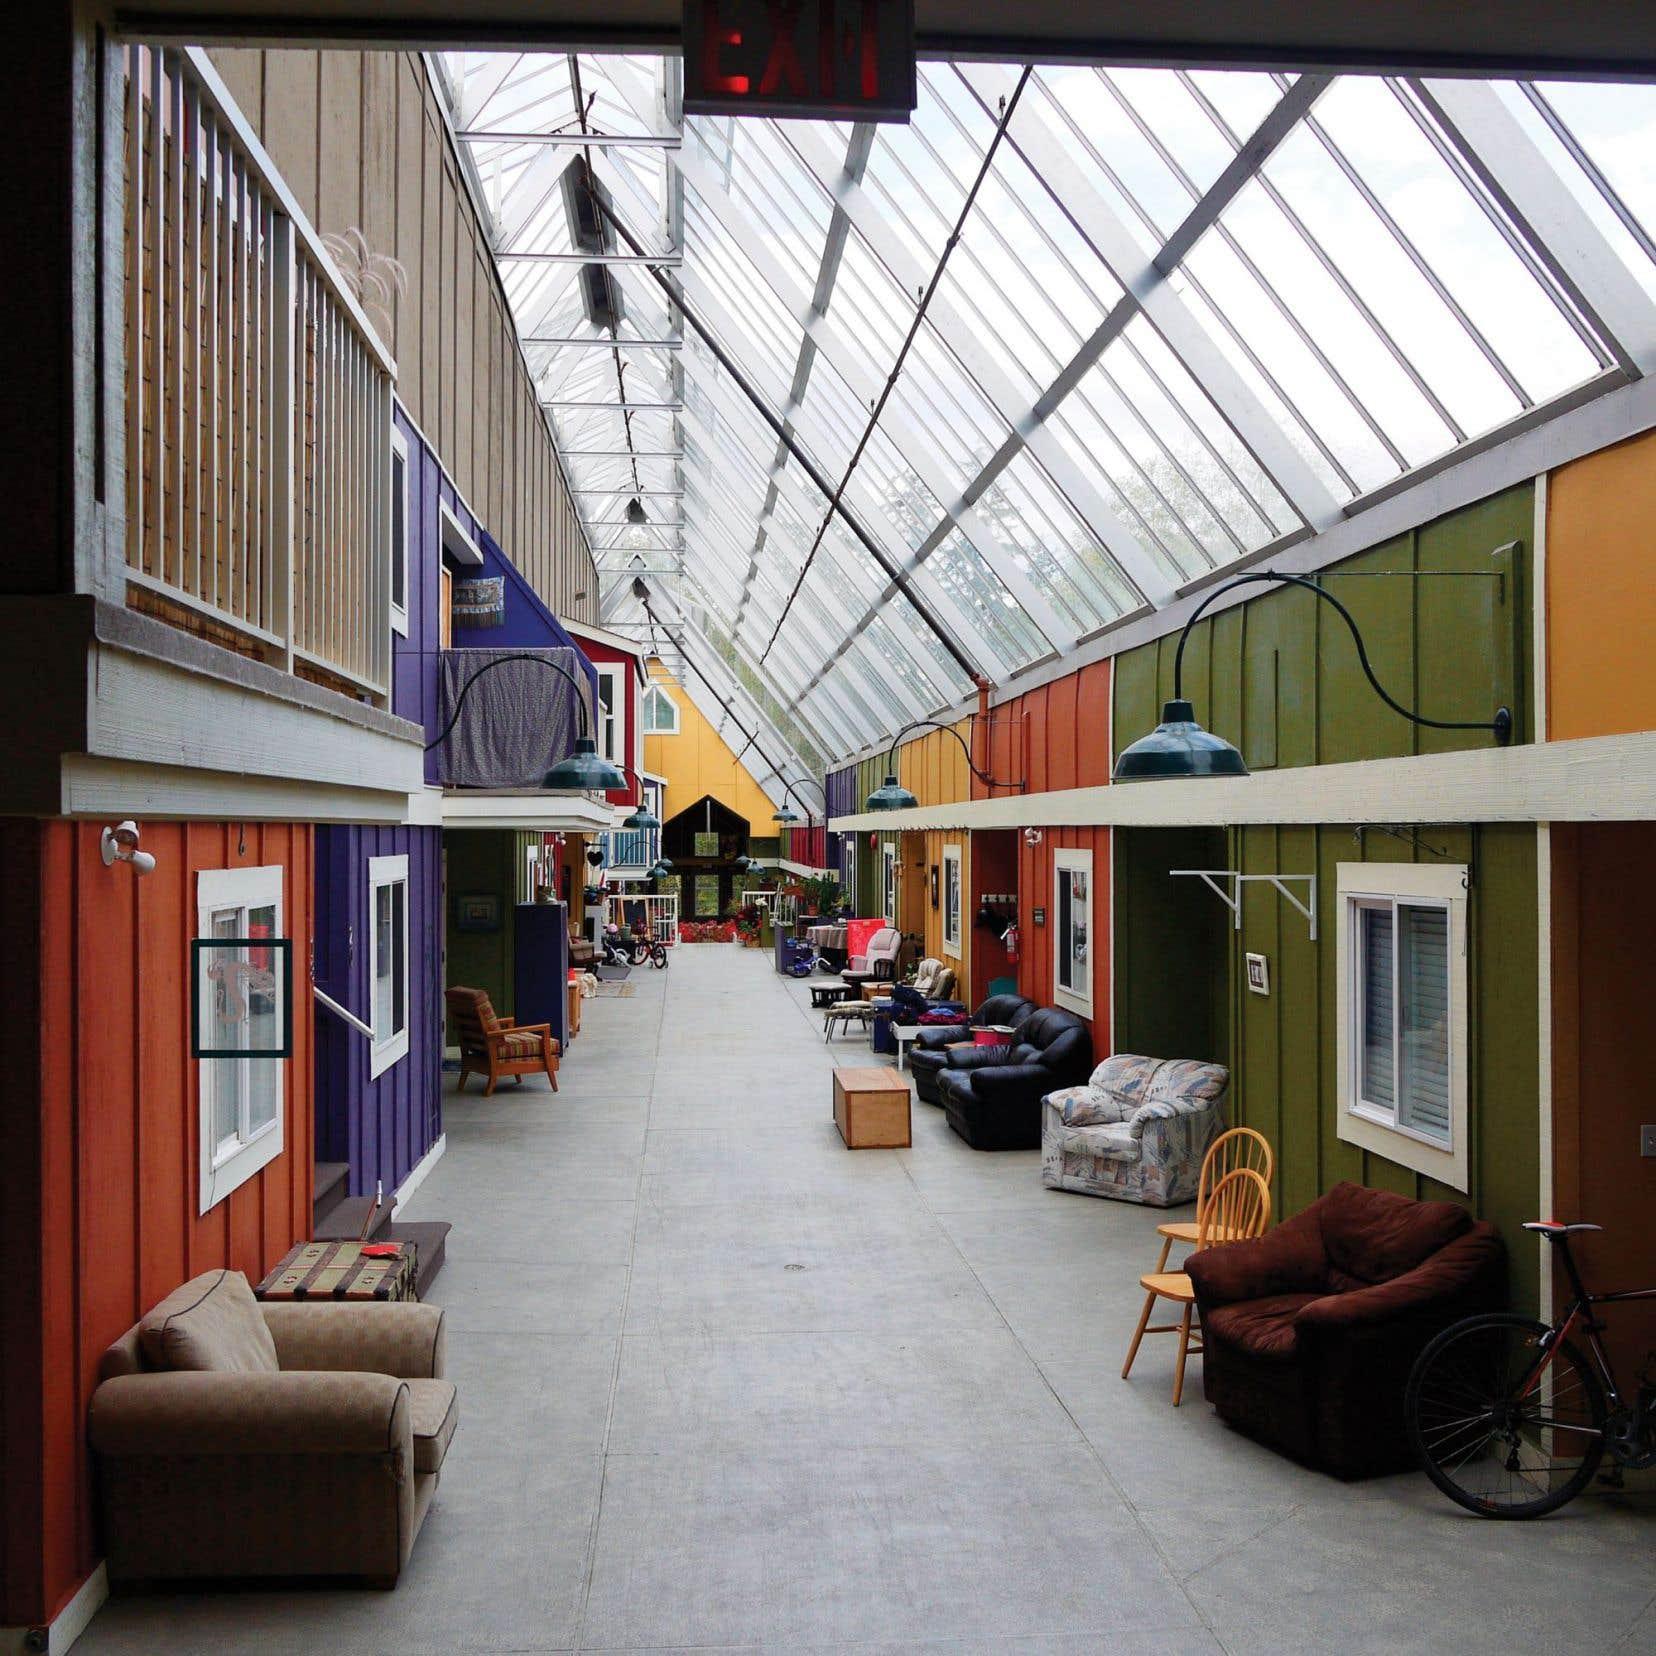 Windsong Cohousing, premier projet de cohabitat au Canada, a été réalisé en 1996 sur un terrain de 6 acres à Langley, en banlieue est de Vancouver. Le projet de 34 unités compte beaucoup d'espaces communs (salle de jeu, salle d'arts, salle à manger, cuisine, jardin de 4 acres, rue intérieure couverte et vitrée, etc.).